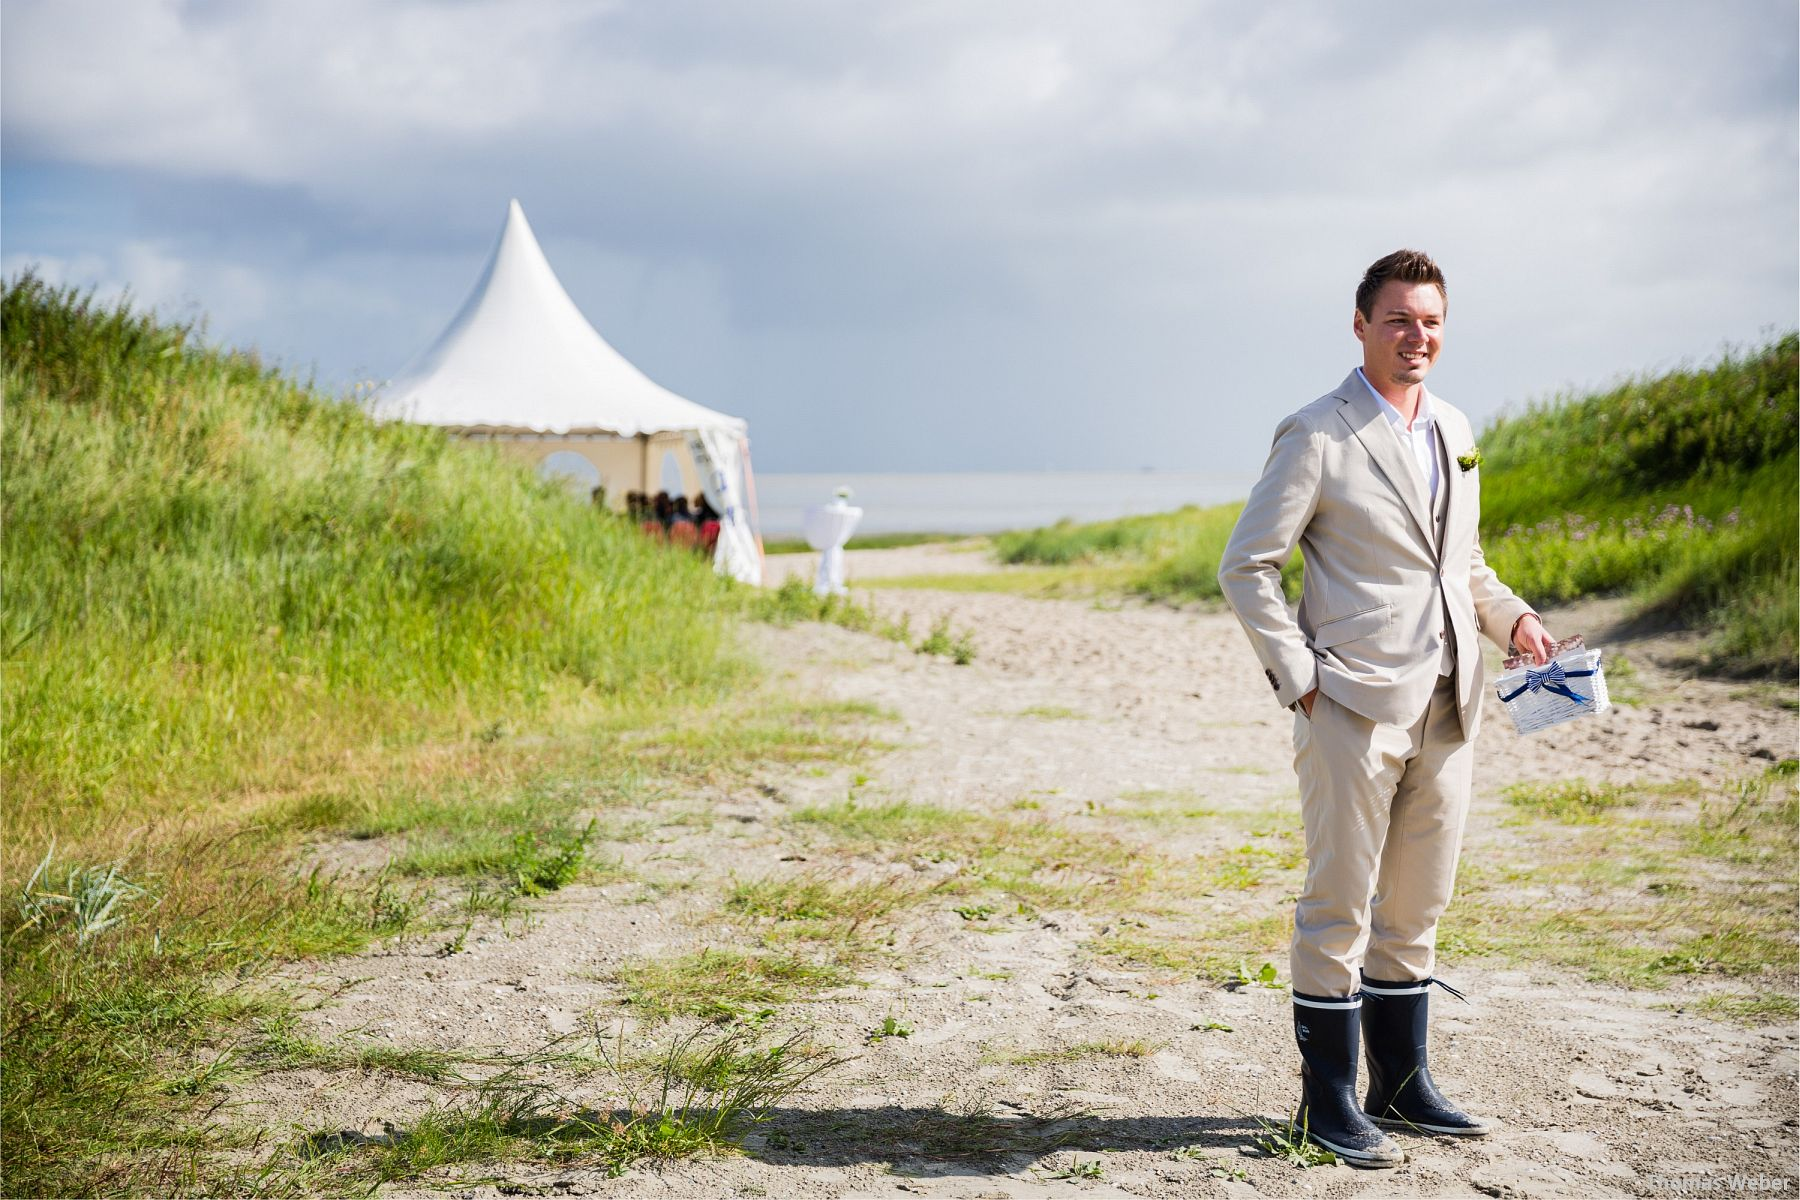 Hochzeit am Strand von Hooksiel und Hochzeitsfeier im Le Patron am Meer in Wilhelmshaven, Hochzeitsfotograf Thomas Weber aus Oldenburg